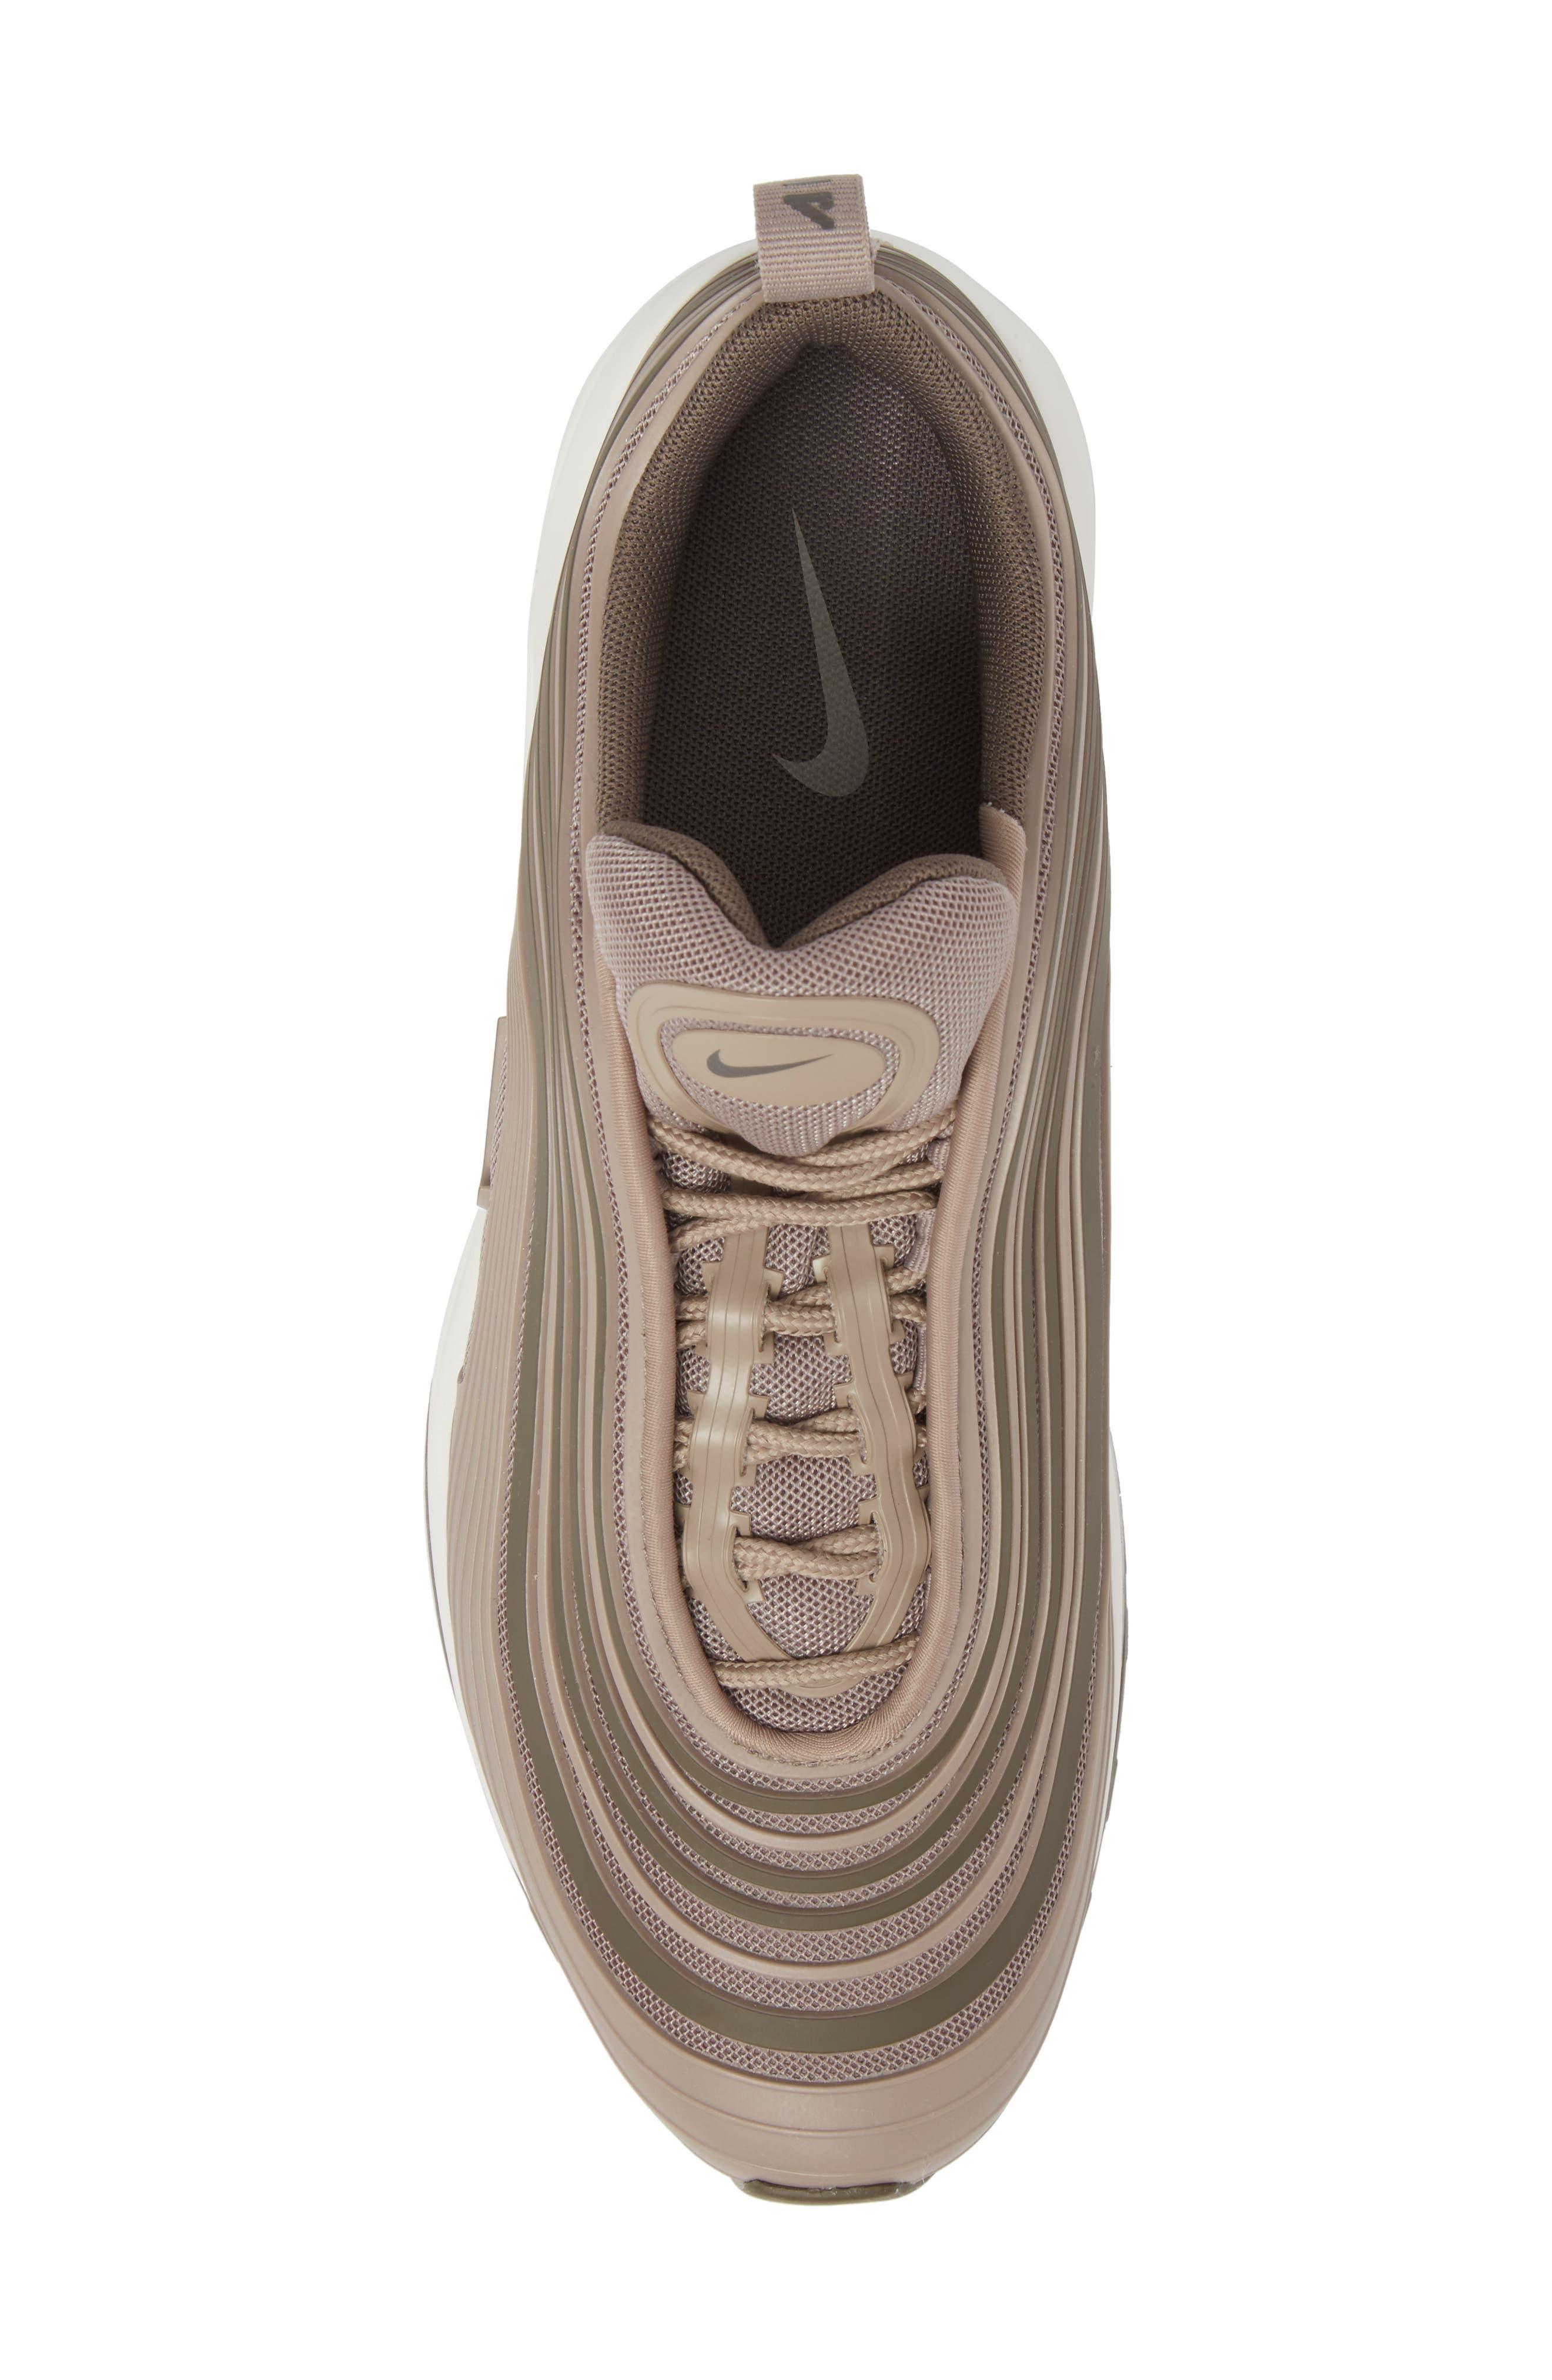 nike air max 97 le scarpe a buon mercato di vendita, acquisto air max 97 scarpe 2018